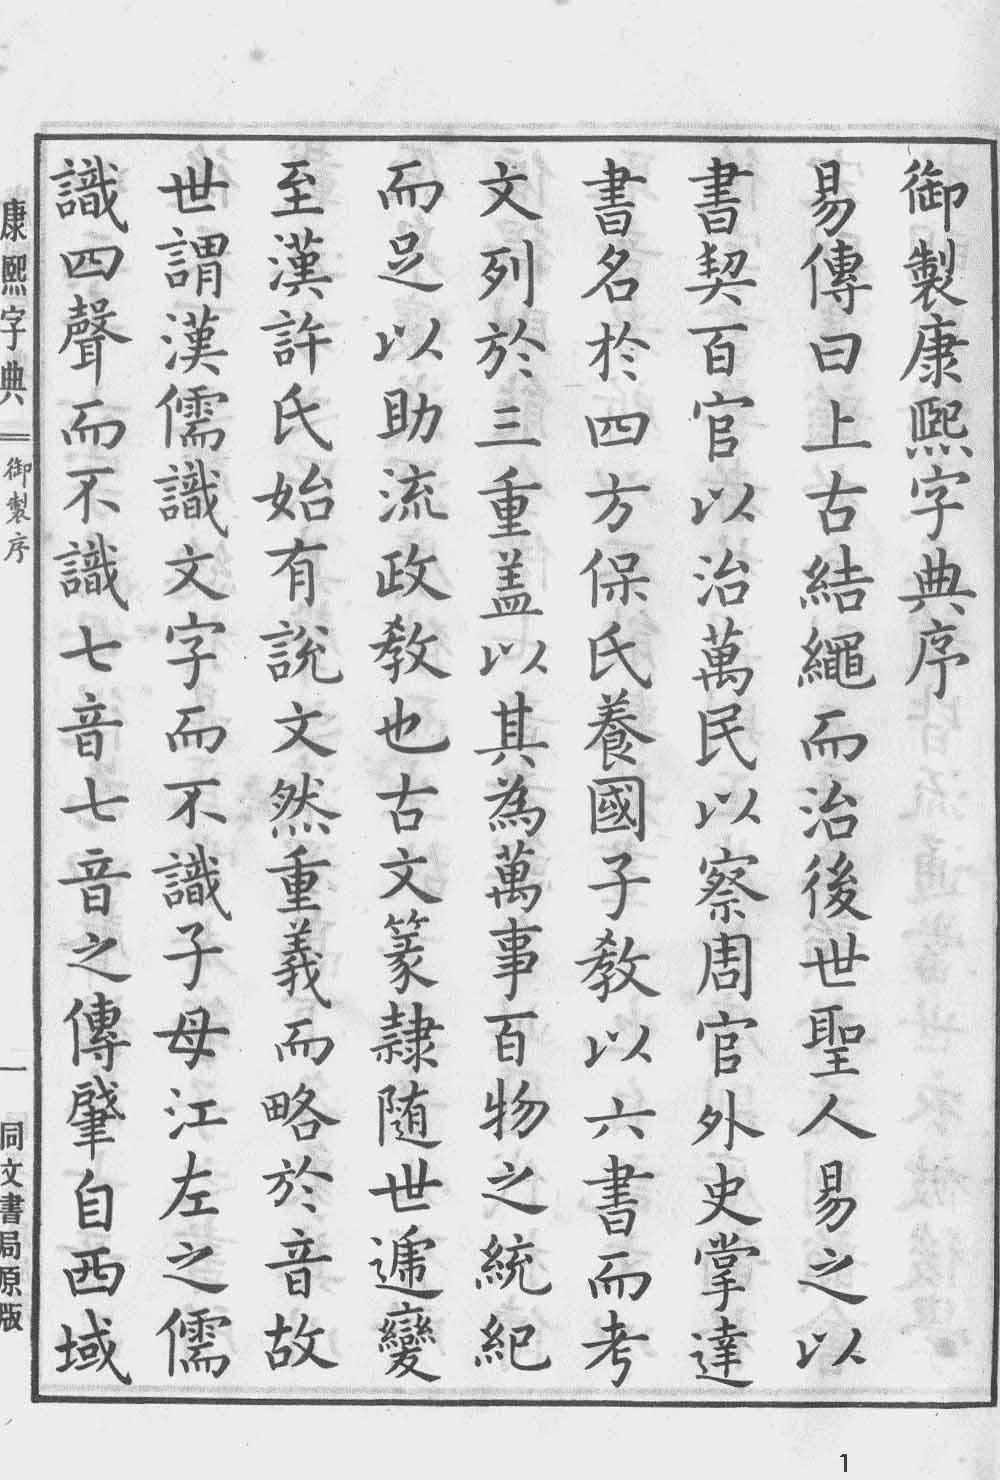 《康熙字典》第1页